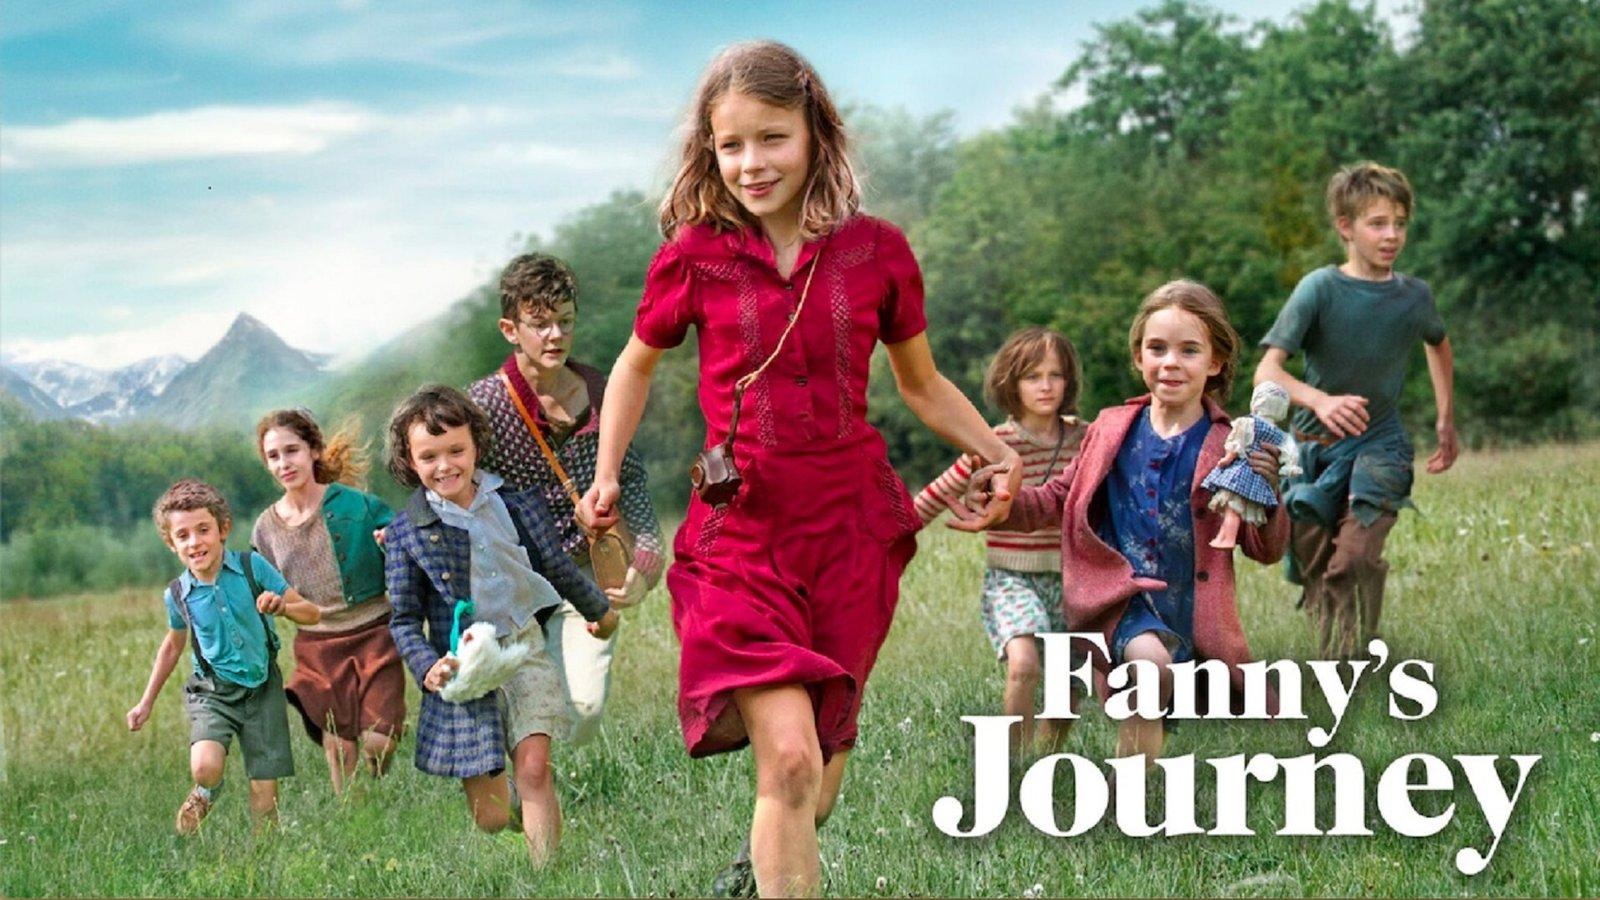 Fanny's Journey - Le voyage de Fanny